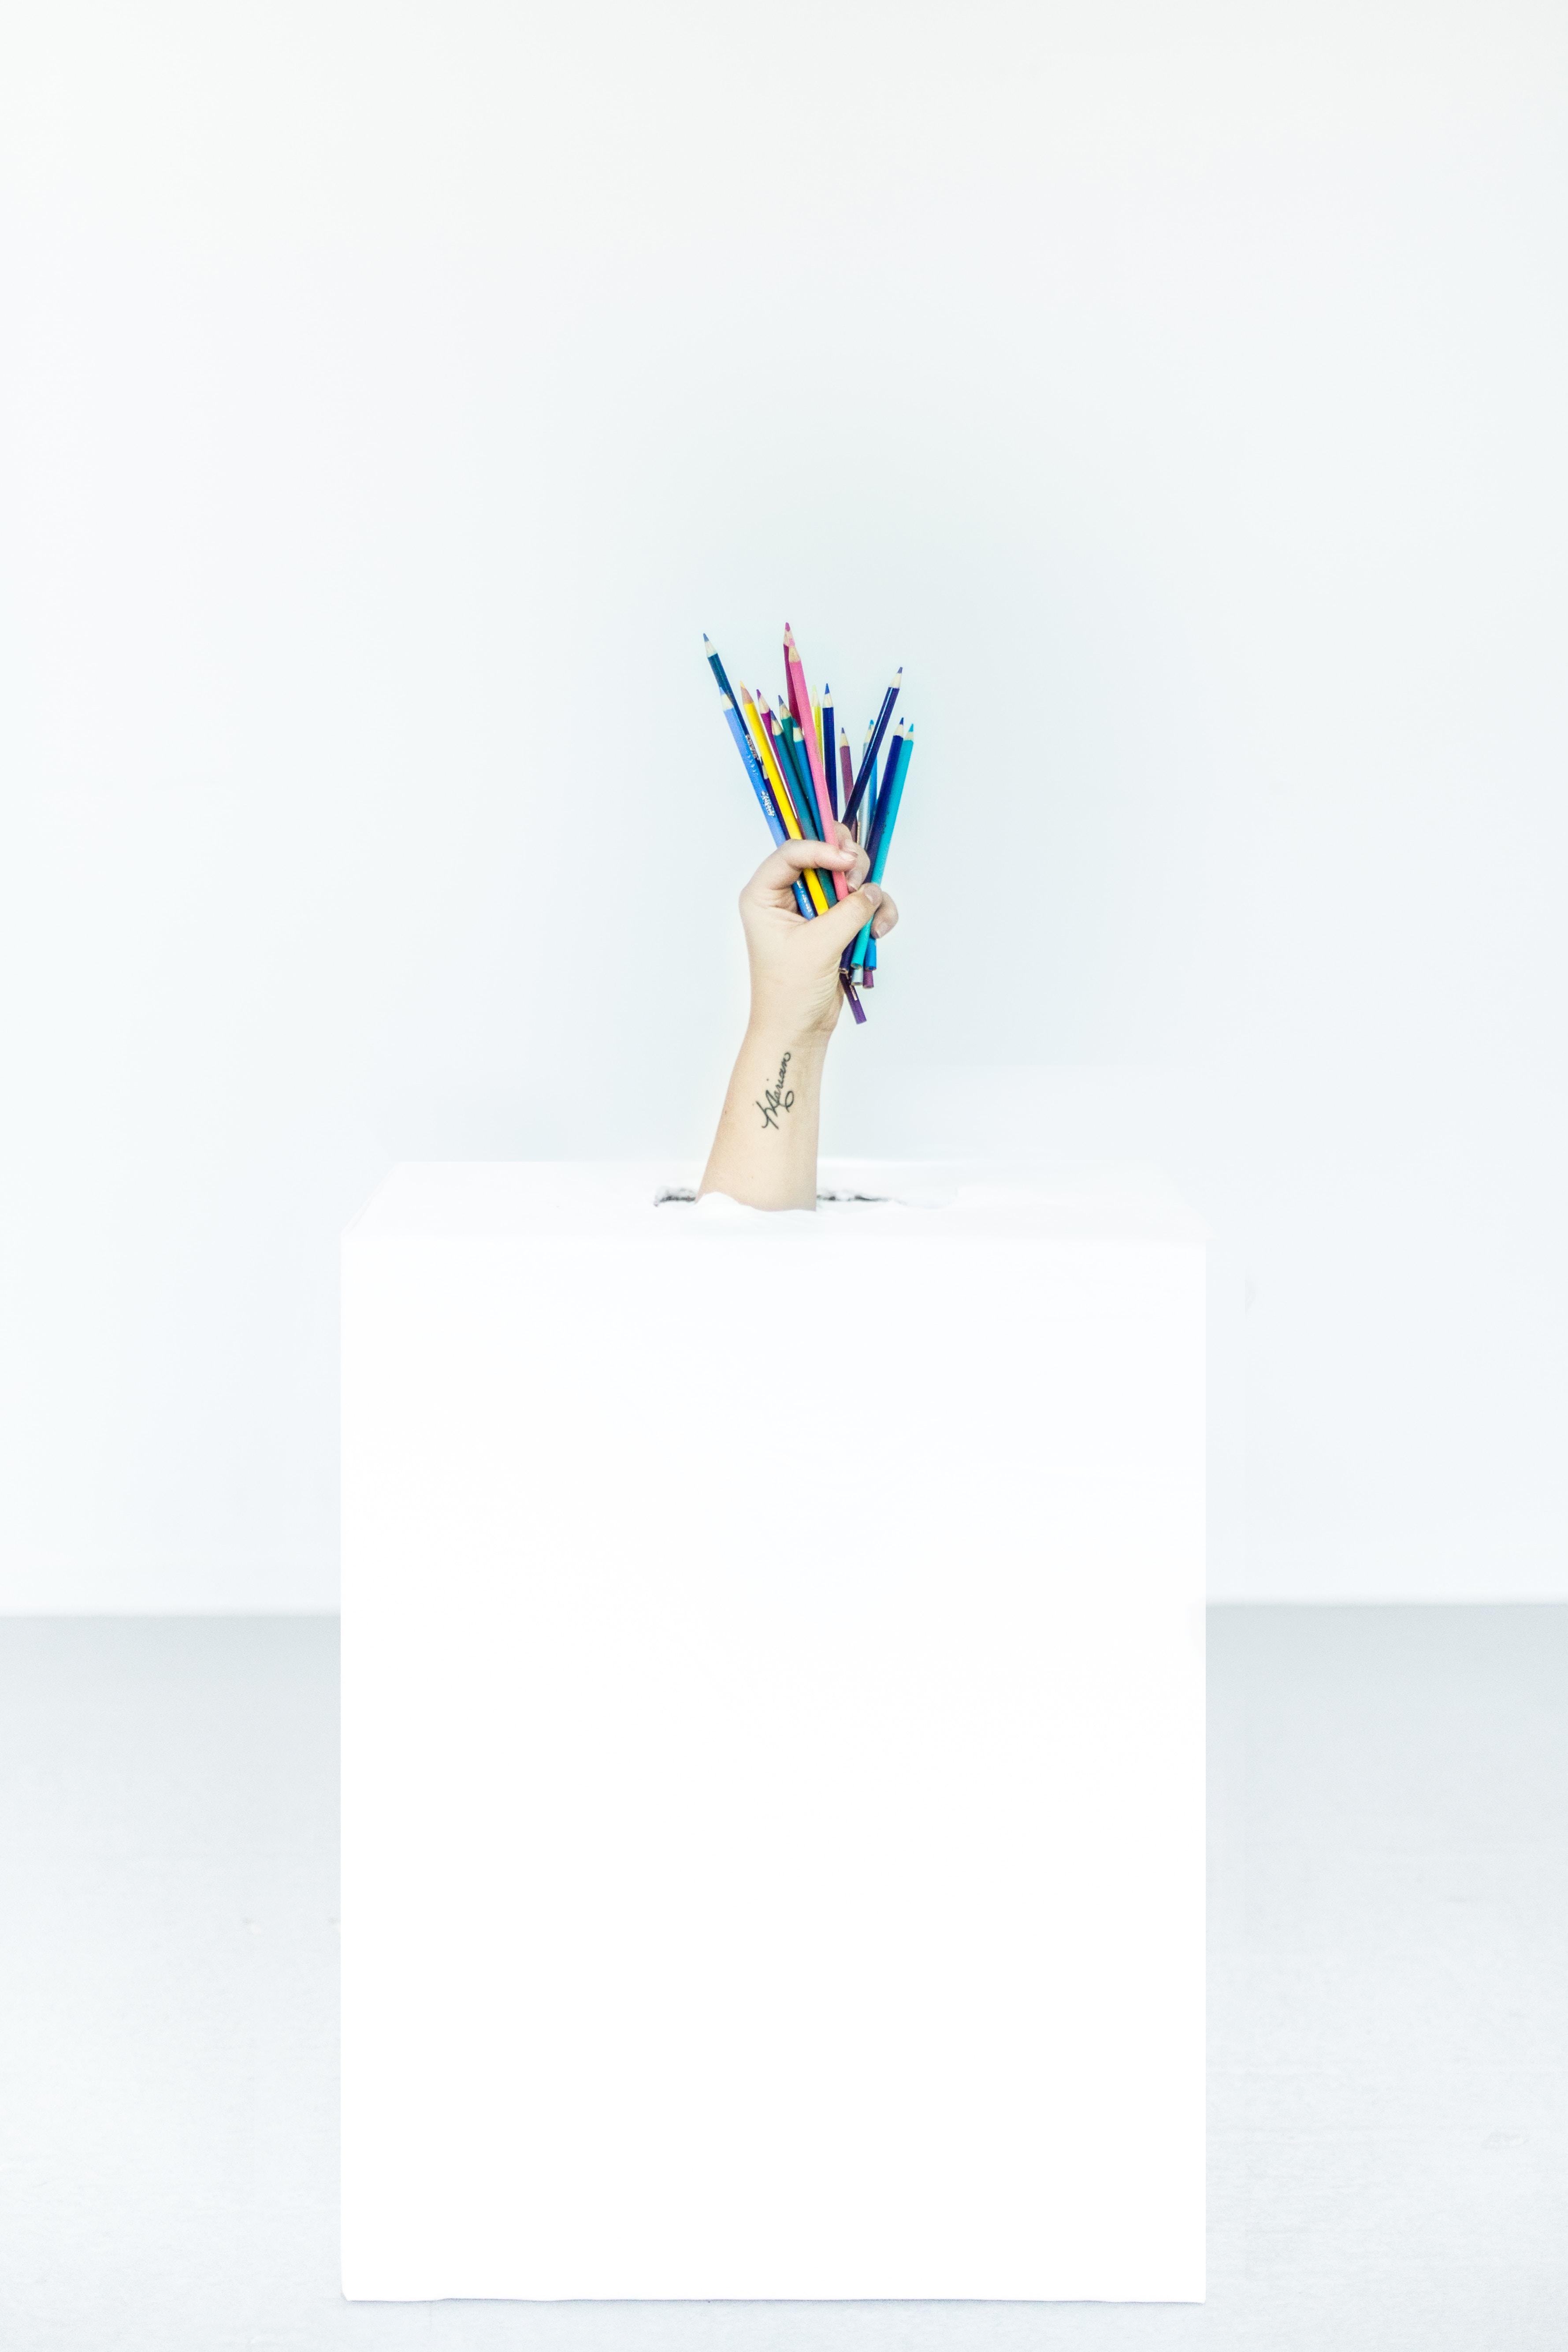 《设计冲刺:谷歌风投如何5天完成产品迭代》——星期二:写写画画,每个人都贡献点子,想出解决方案